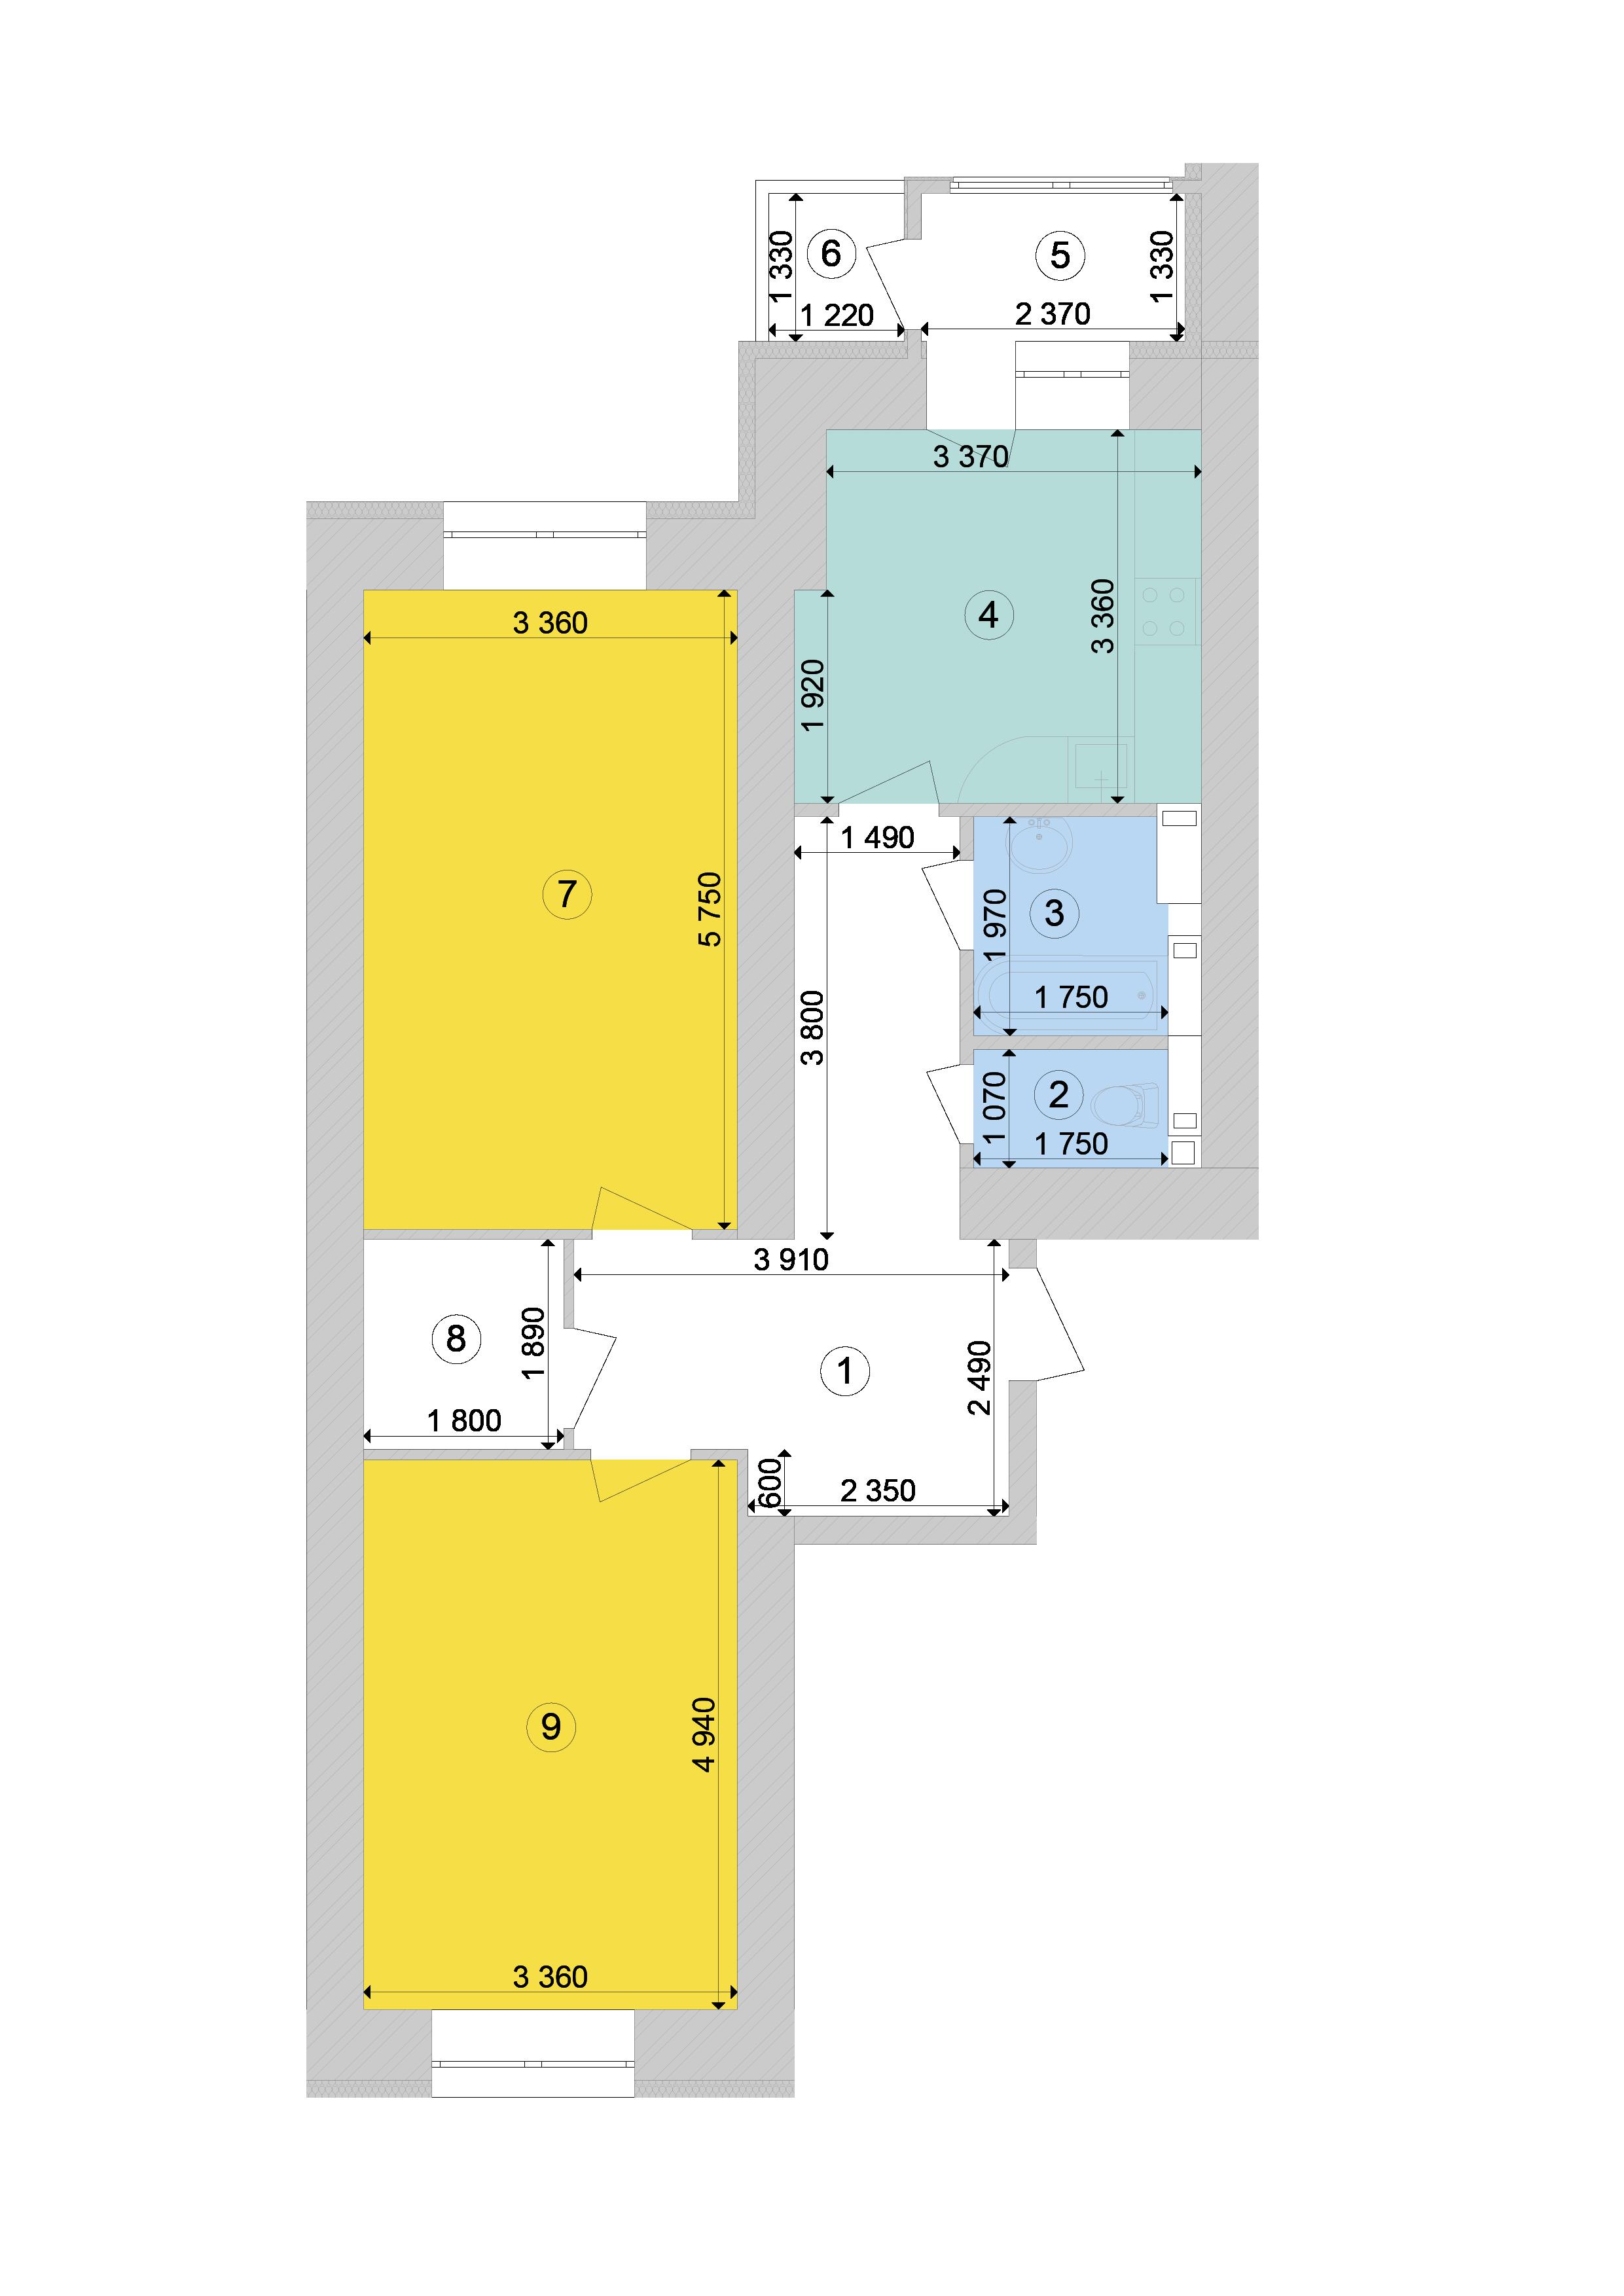 Купити Двокімнатна квартира 72,49 кв.м., тип 2.3, будинок 1, секція 7 в Києві Голосіївський район